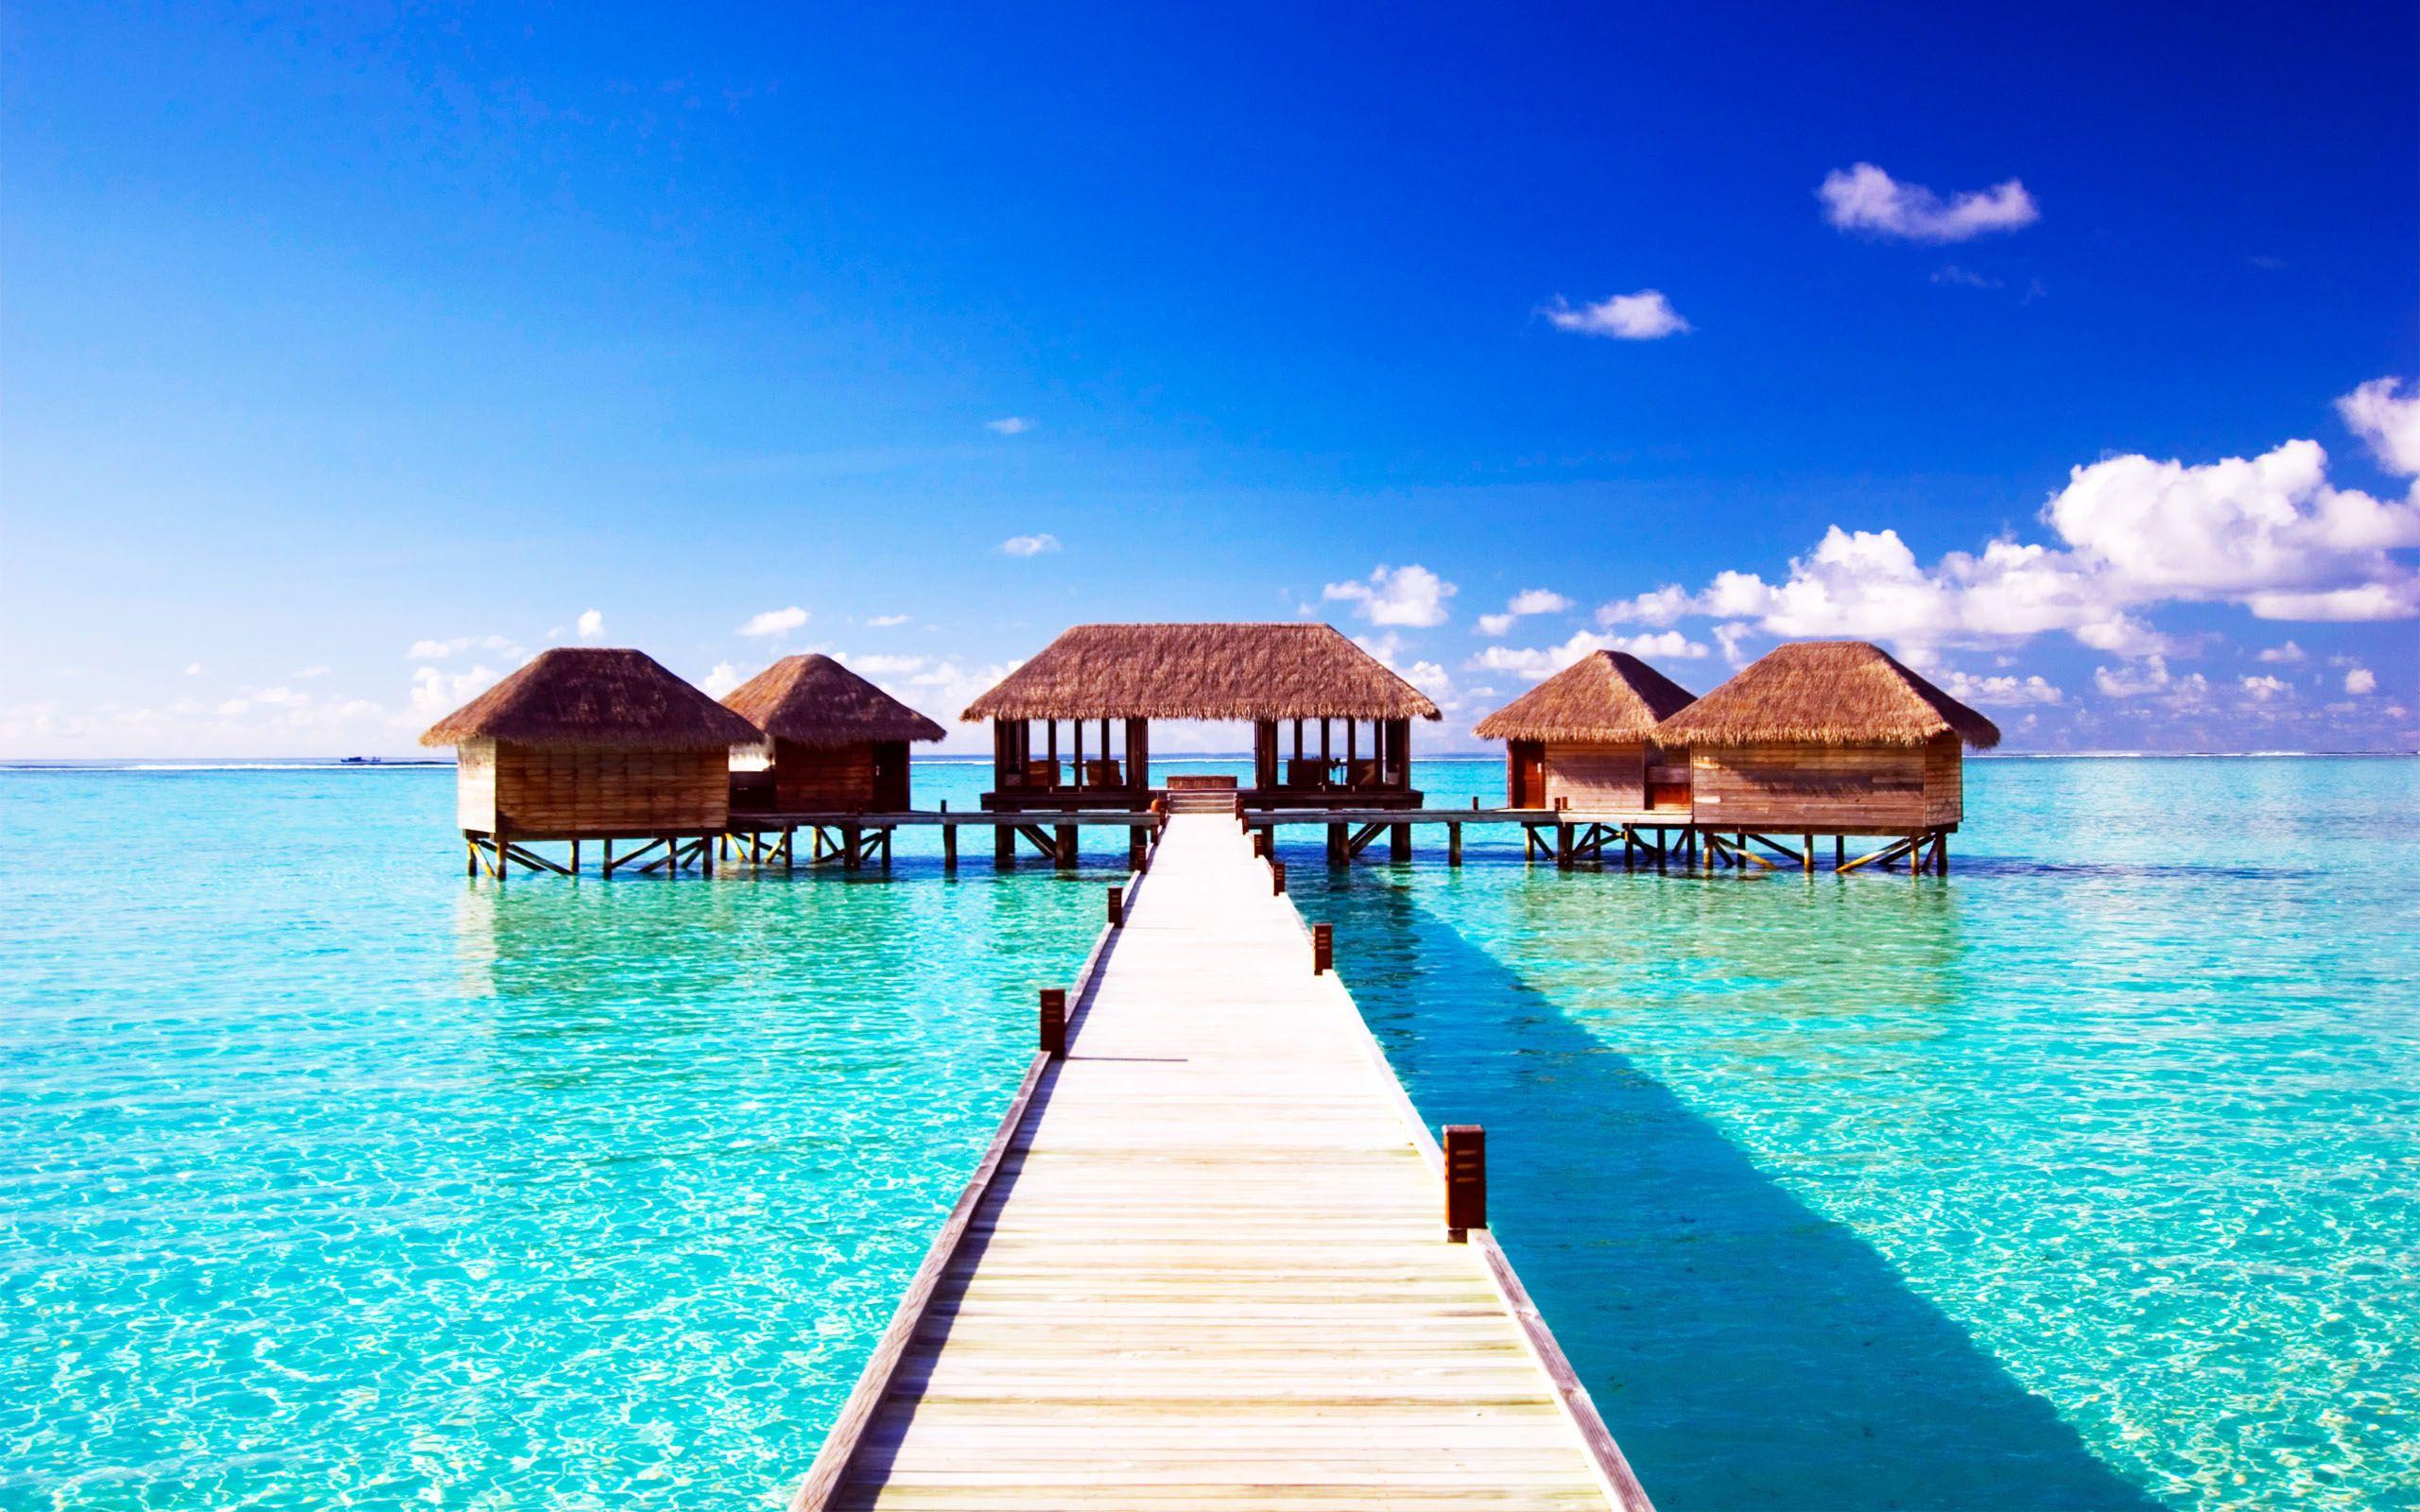 Travel Wallpapers Hd Wallpaper Holiday Resort Maldives Top